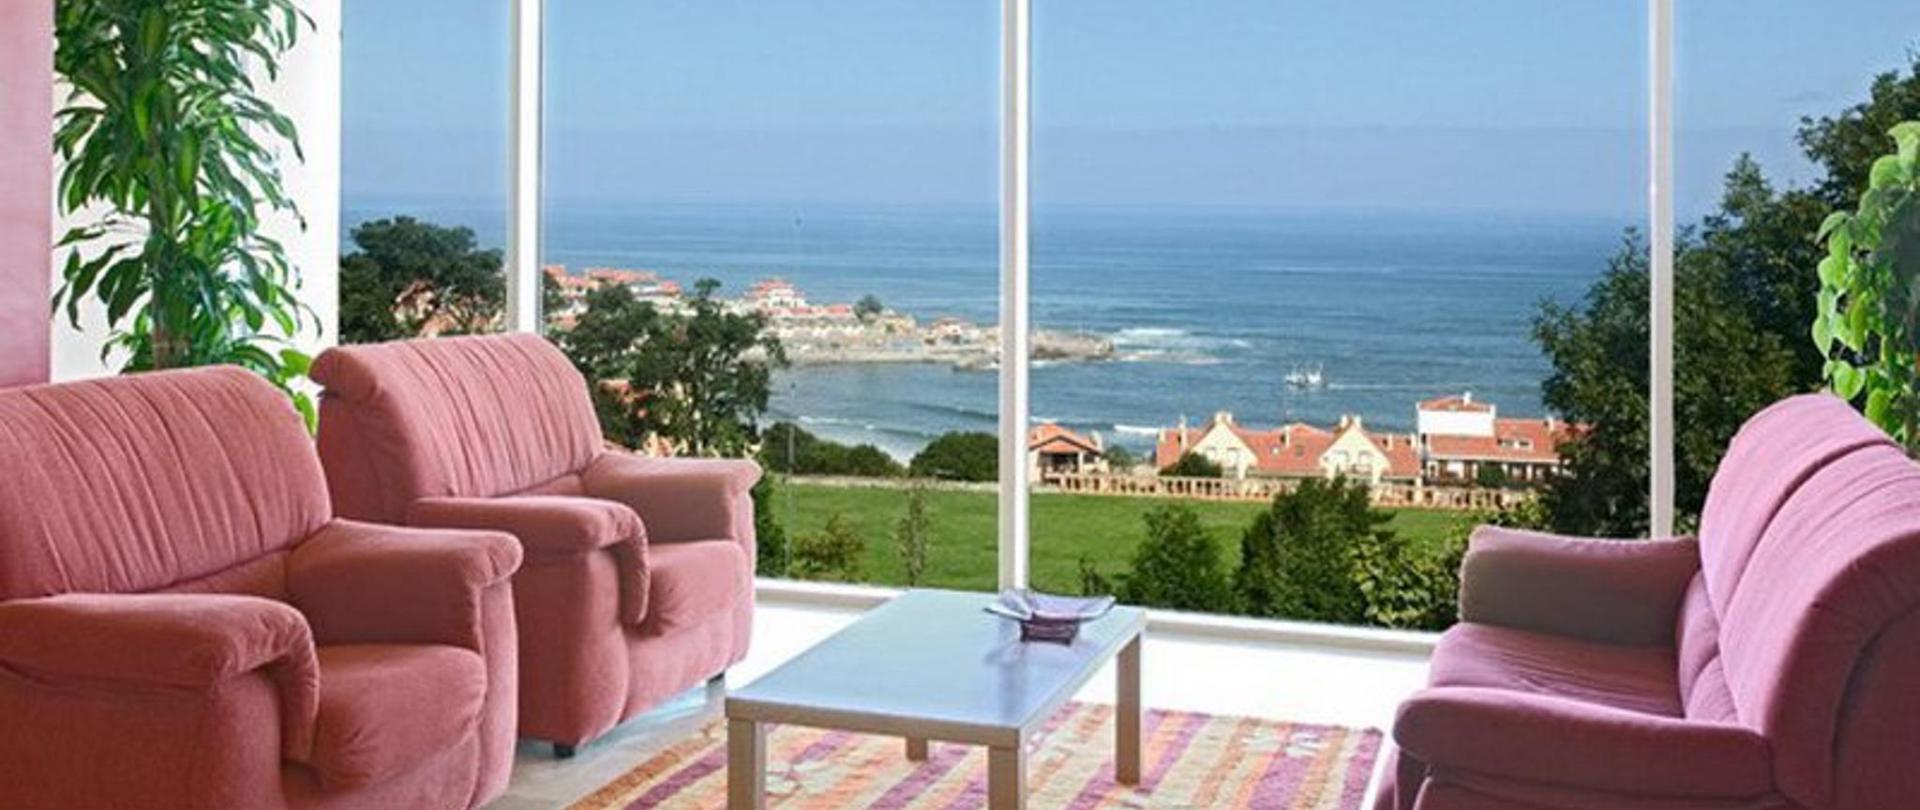 Hotel-Mar-Comillas-Hotel-en-Comillas-con-vistas-al-mar-C-800x533.jpg